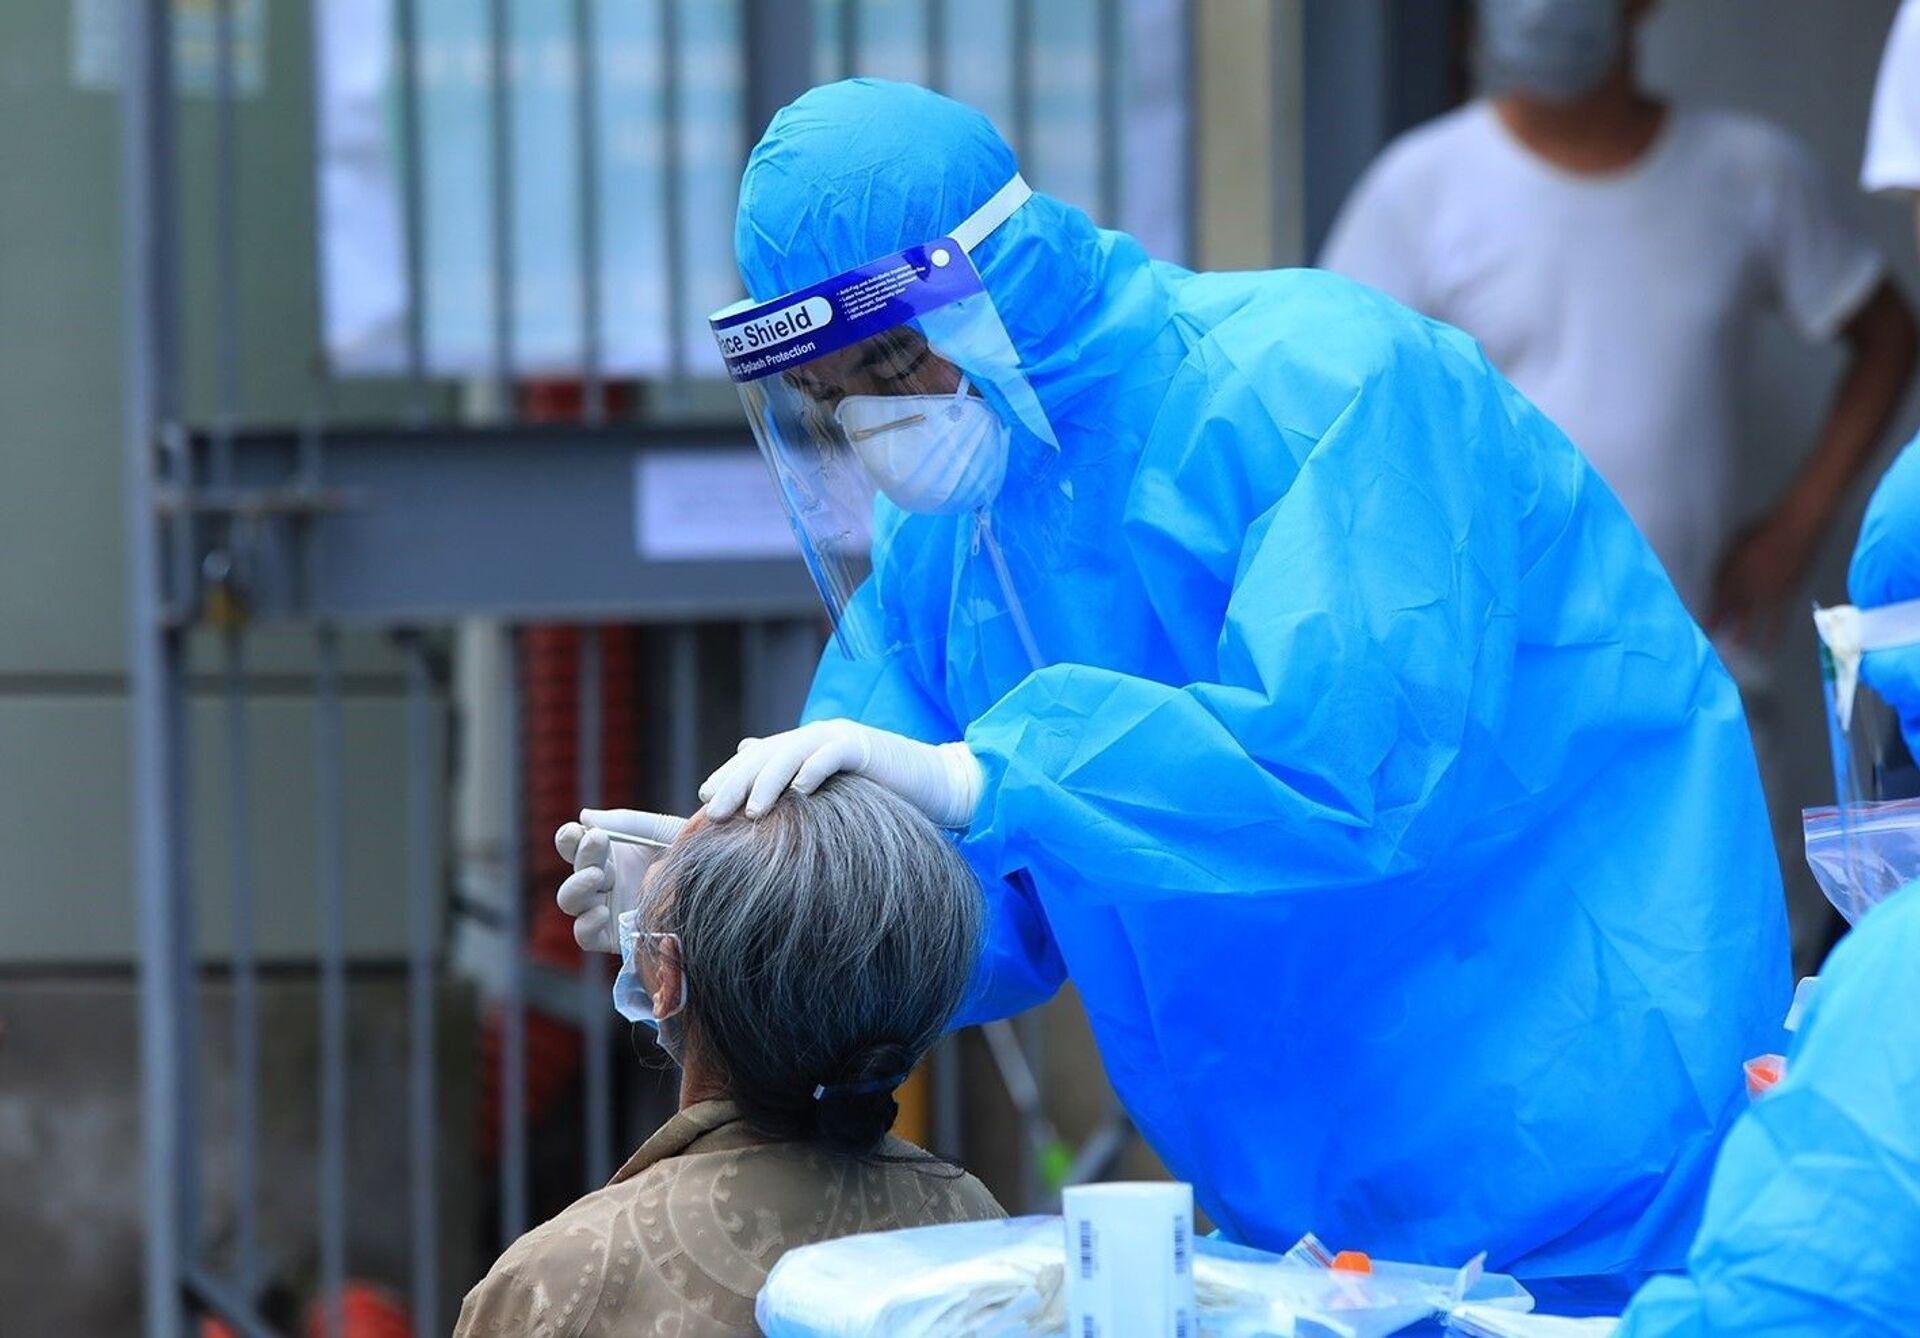 Nhân viên y tế quận Thanh Xuân lấy mẫu xét nghiệm COVID-19 cho người dân tại tổ 7, phường Thanh Xuân Trung. - Sputnik Việt Nam, 1920, 05.10.2021